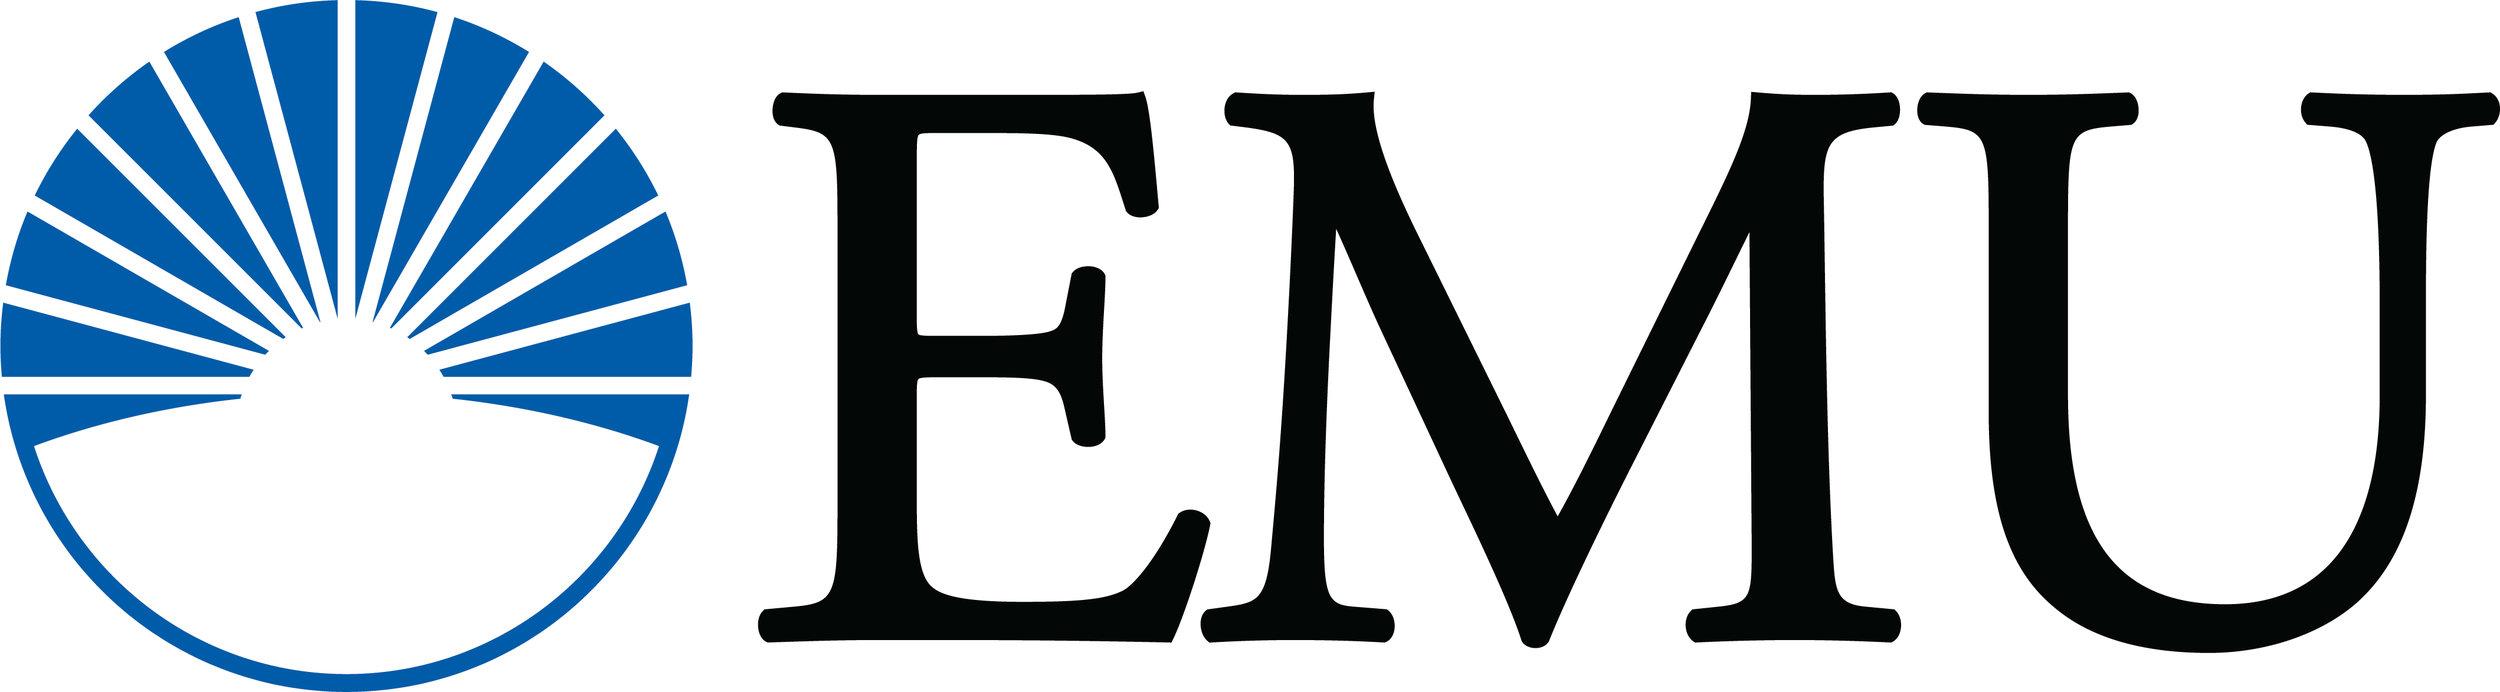 04 EMU.jpg